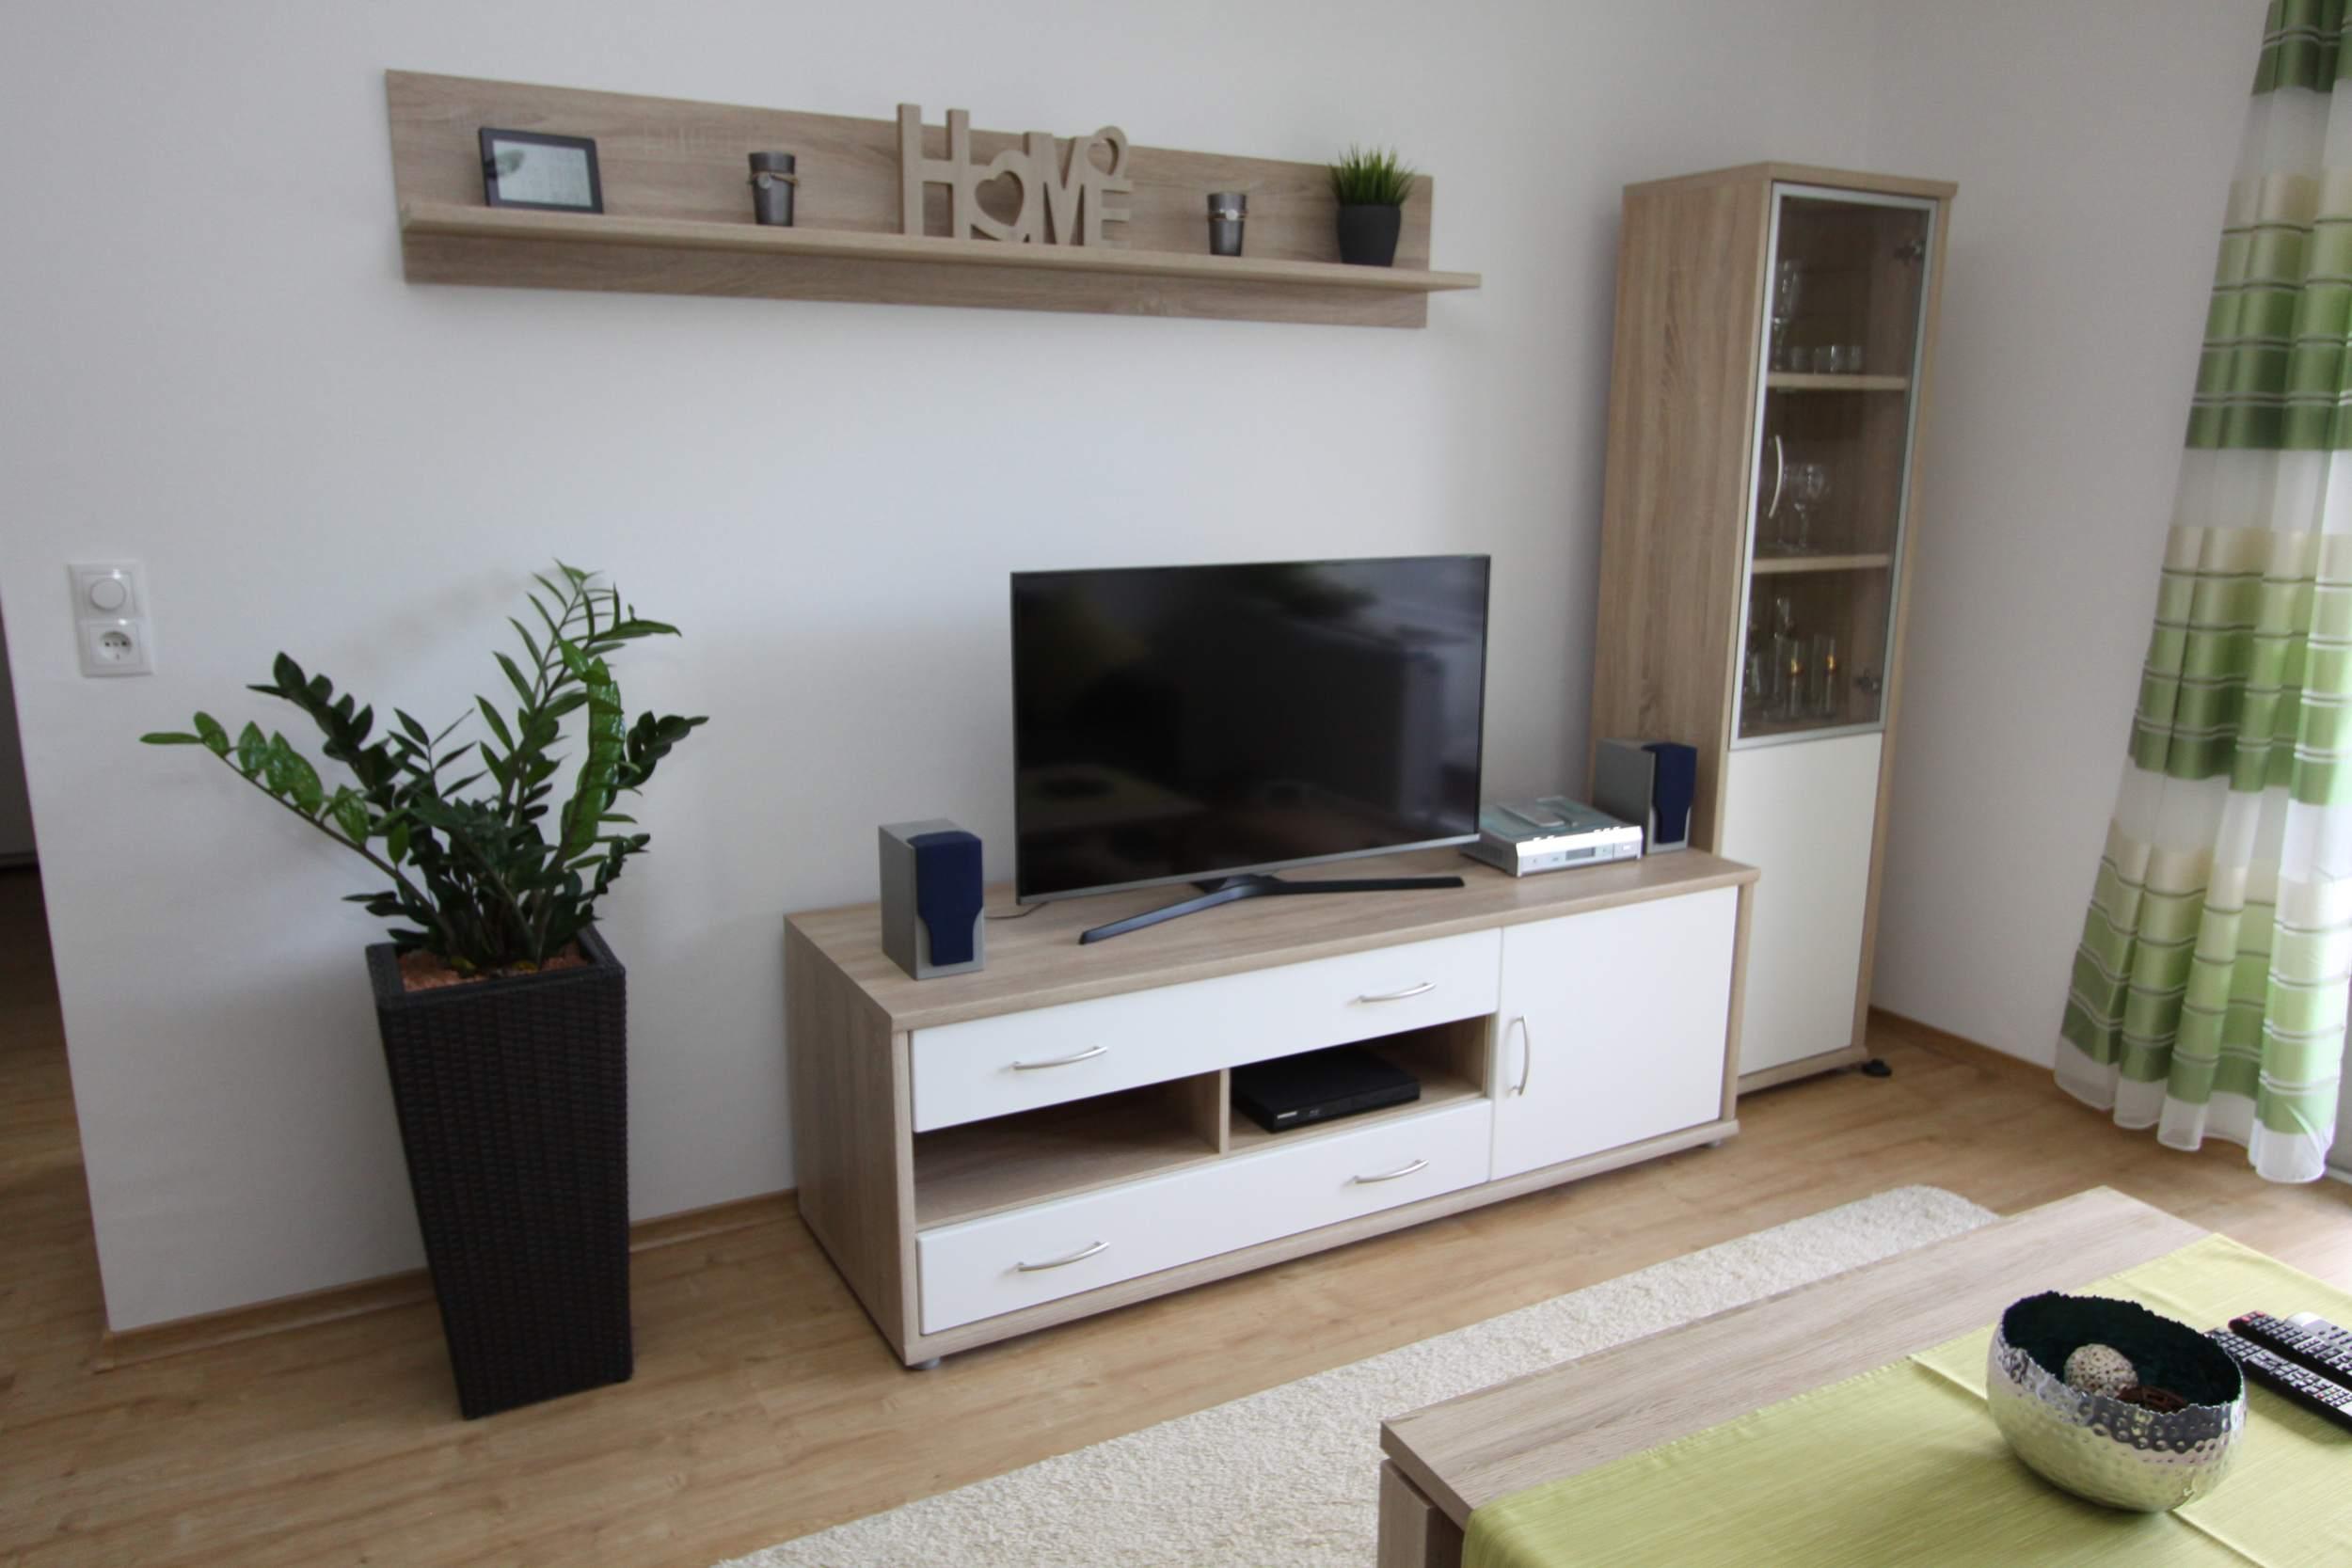 Ferienwohnung Riefenbach in Bad Harzburg - Wohnbereich mit Fernseher